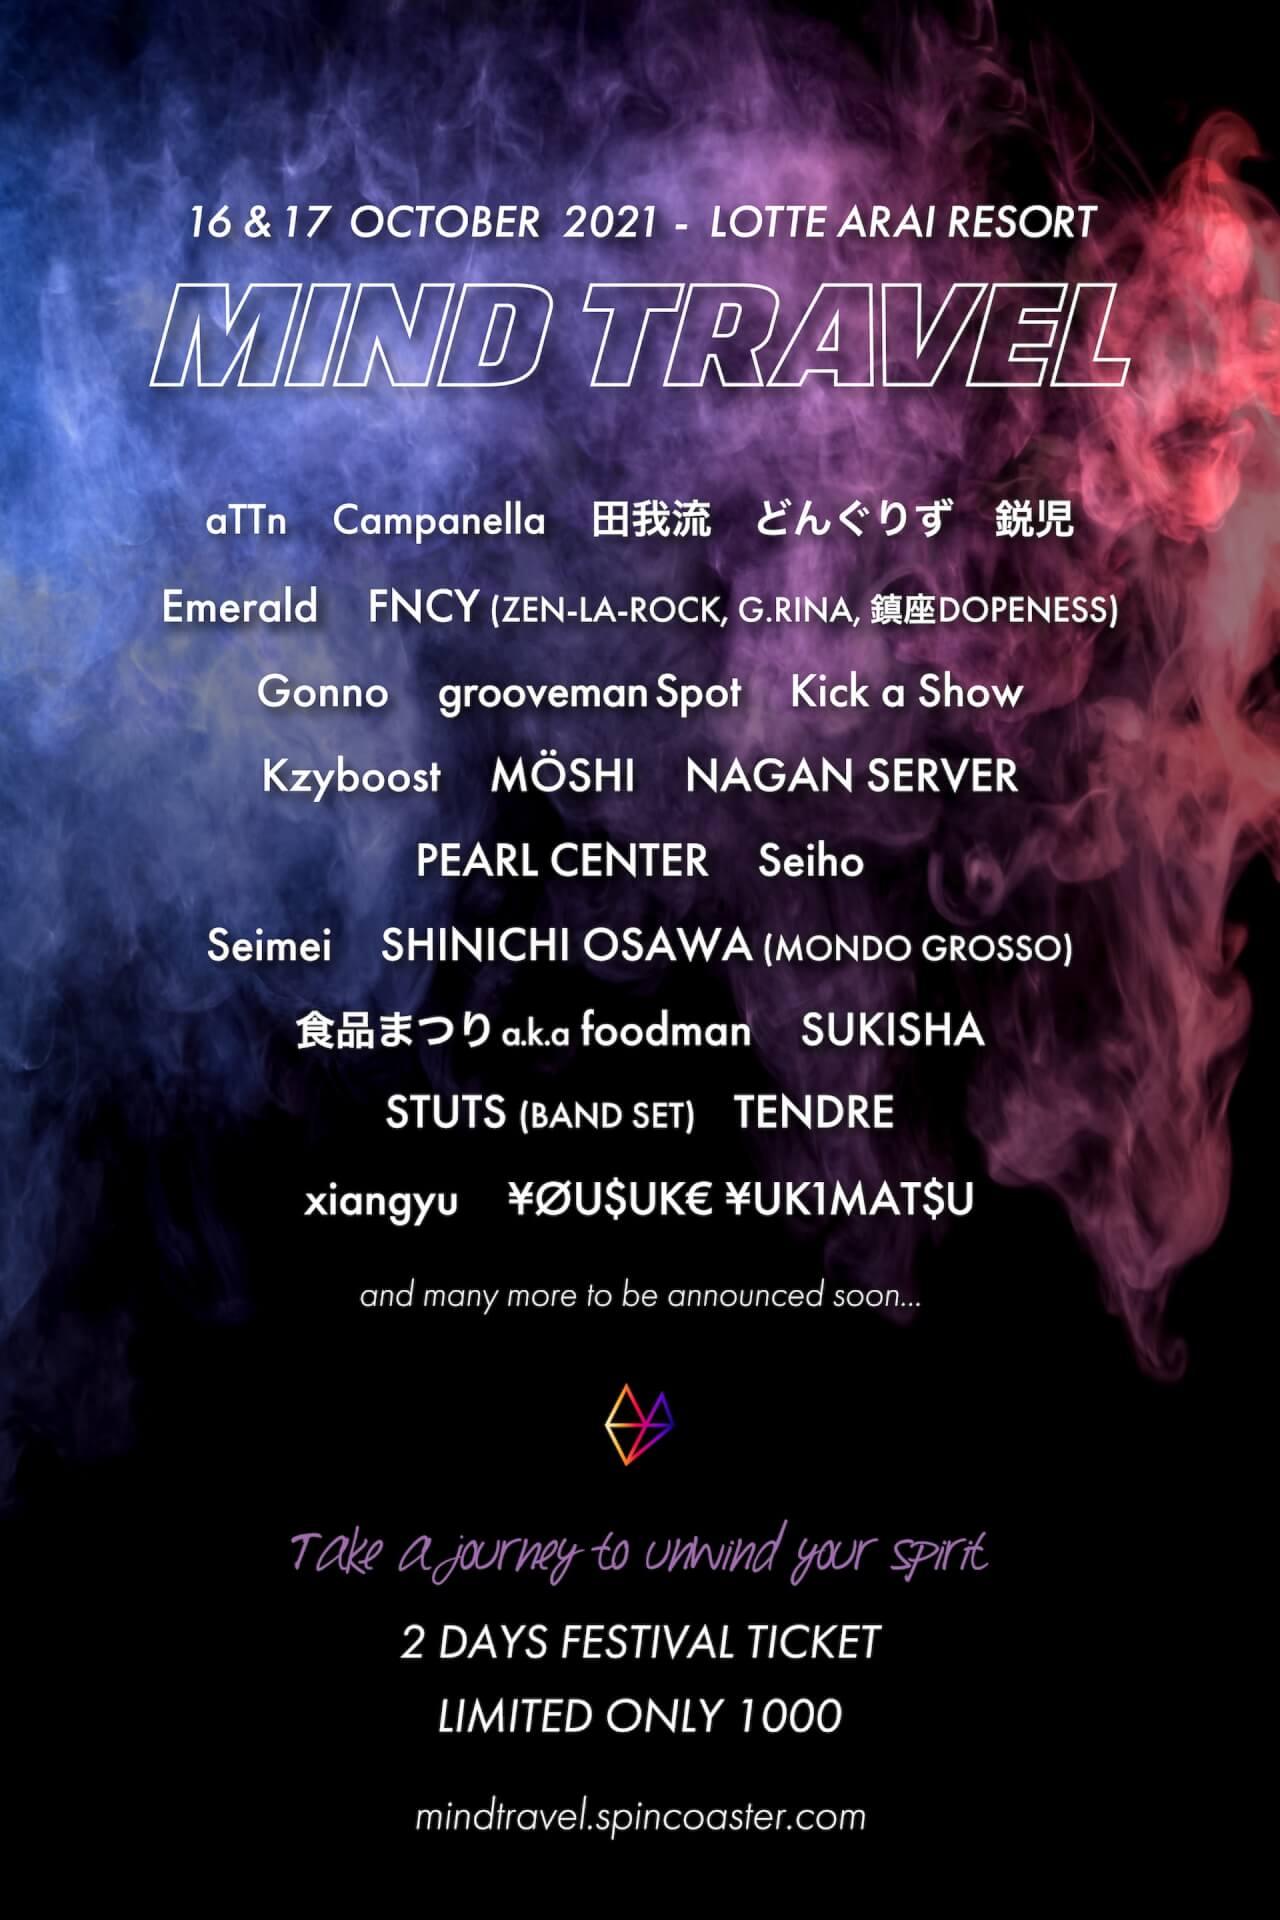 新たなリゾート音楽フェス<MIND TRAVEL>始動!第1弾ラインナップにCampanella、田我流、どんぐりずら登場 music210927_mind-travel_1